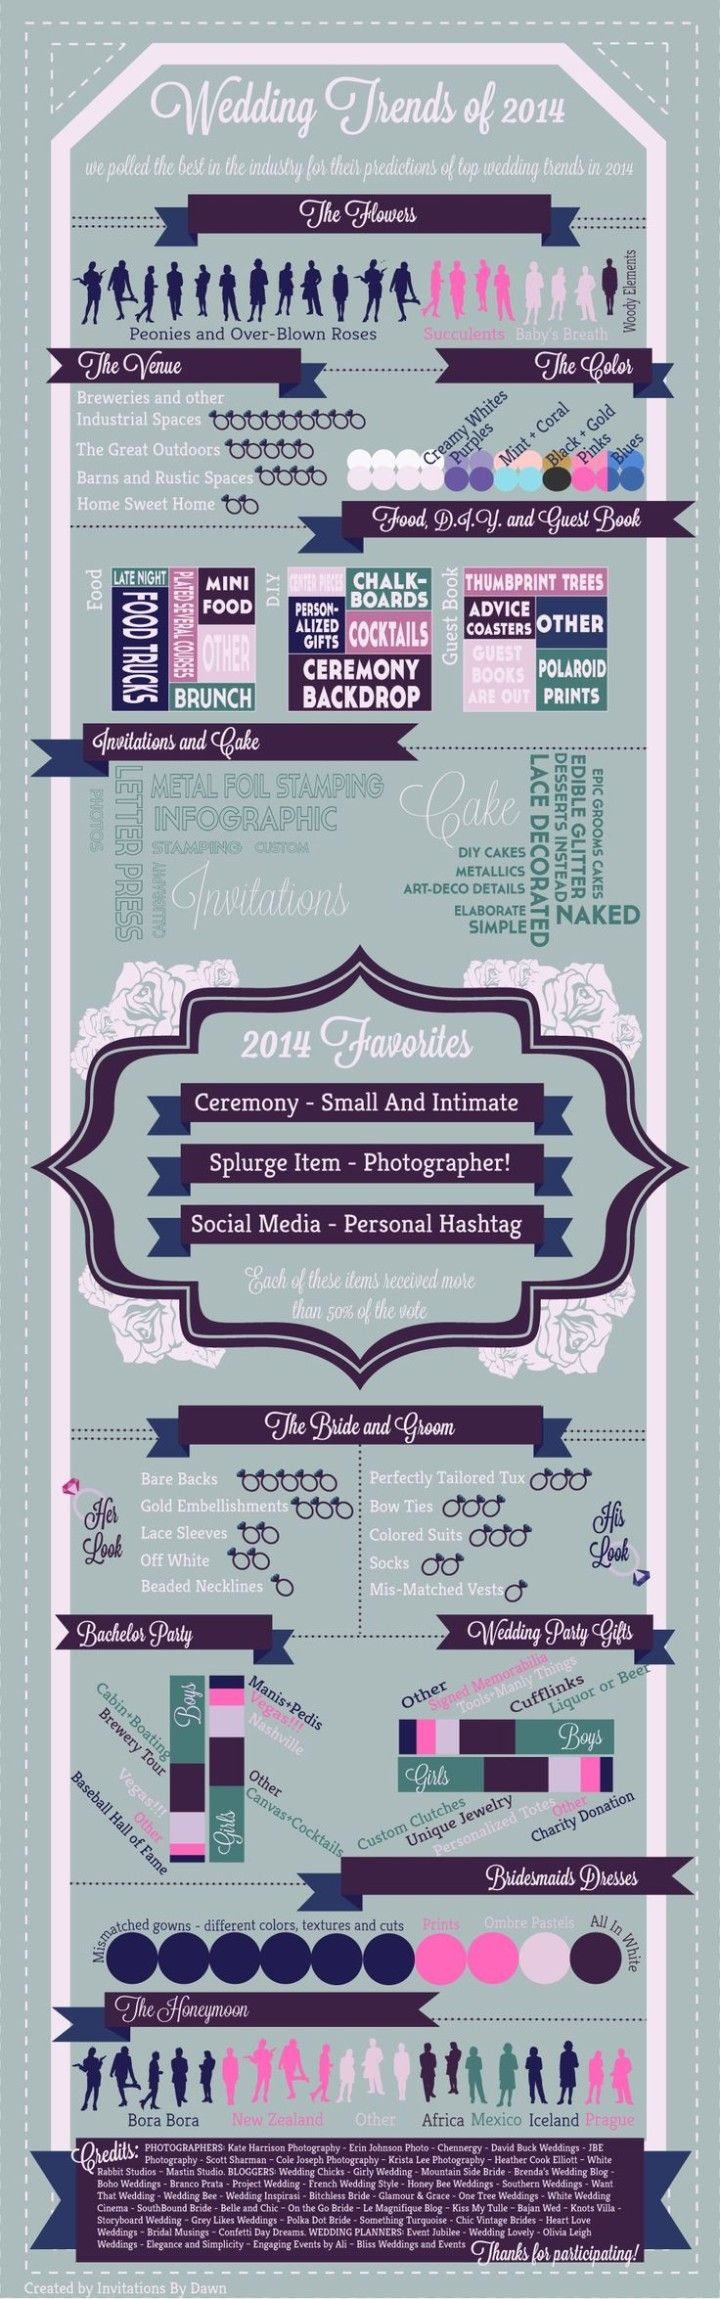 Mejores 54 imágenes de Infography en Pinterest   Gráficos, Diseño ...